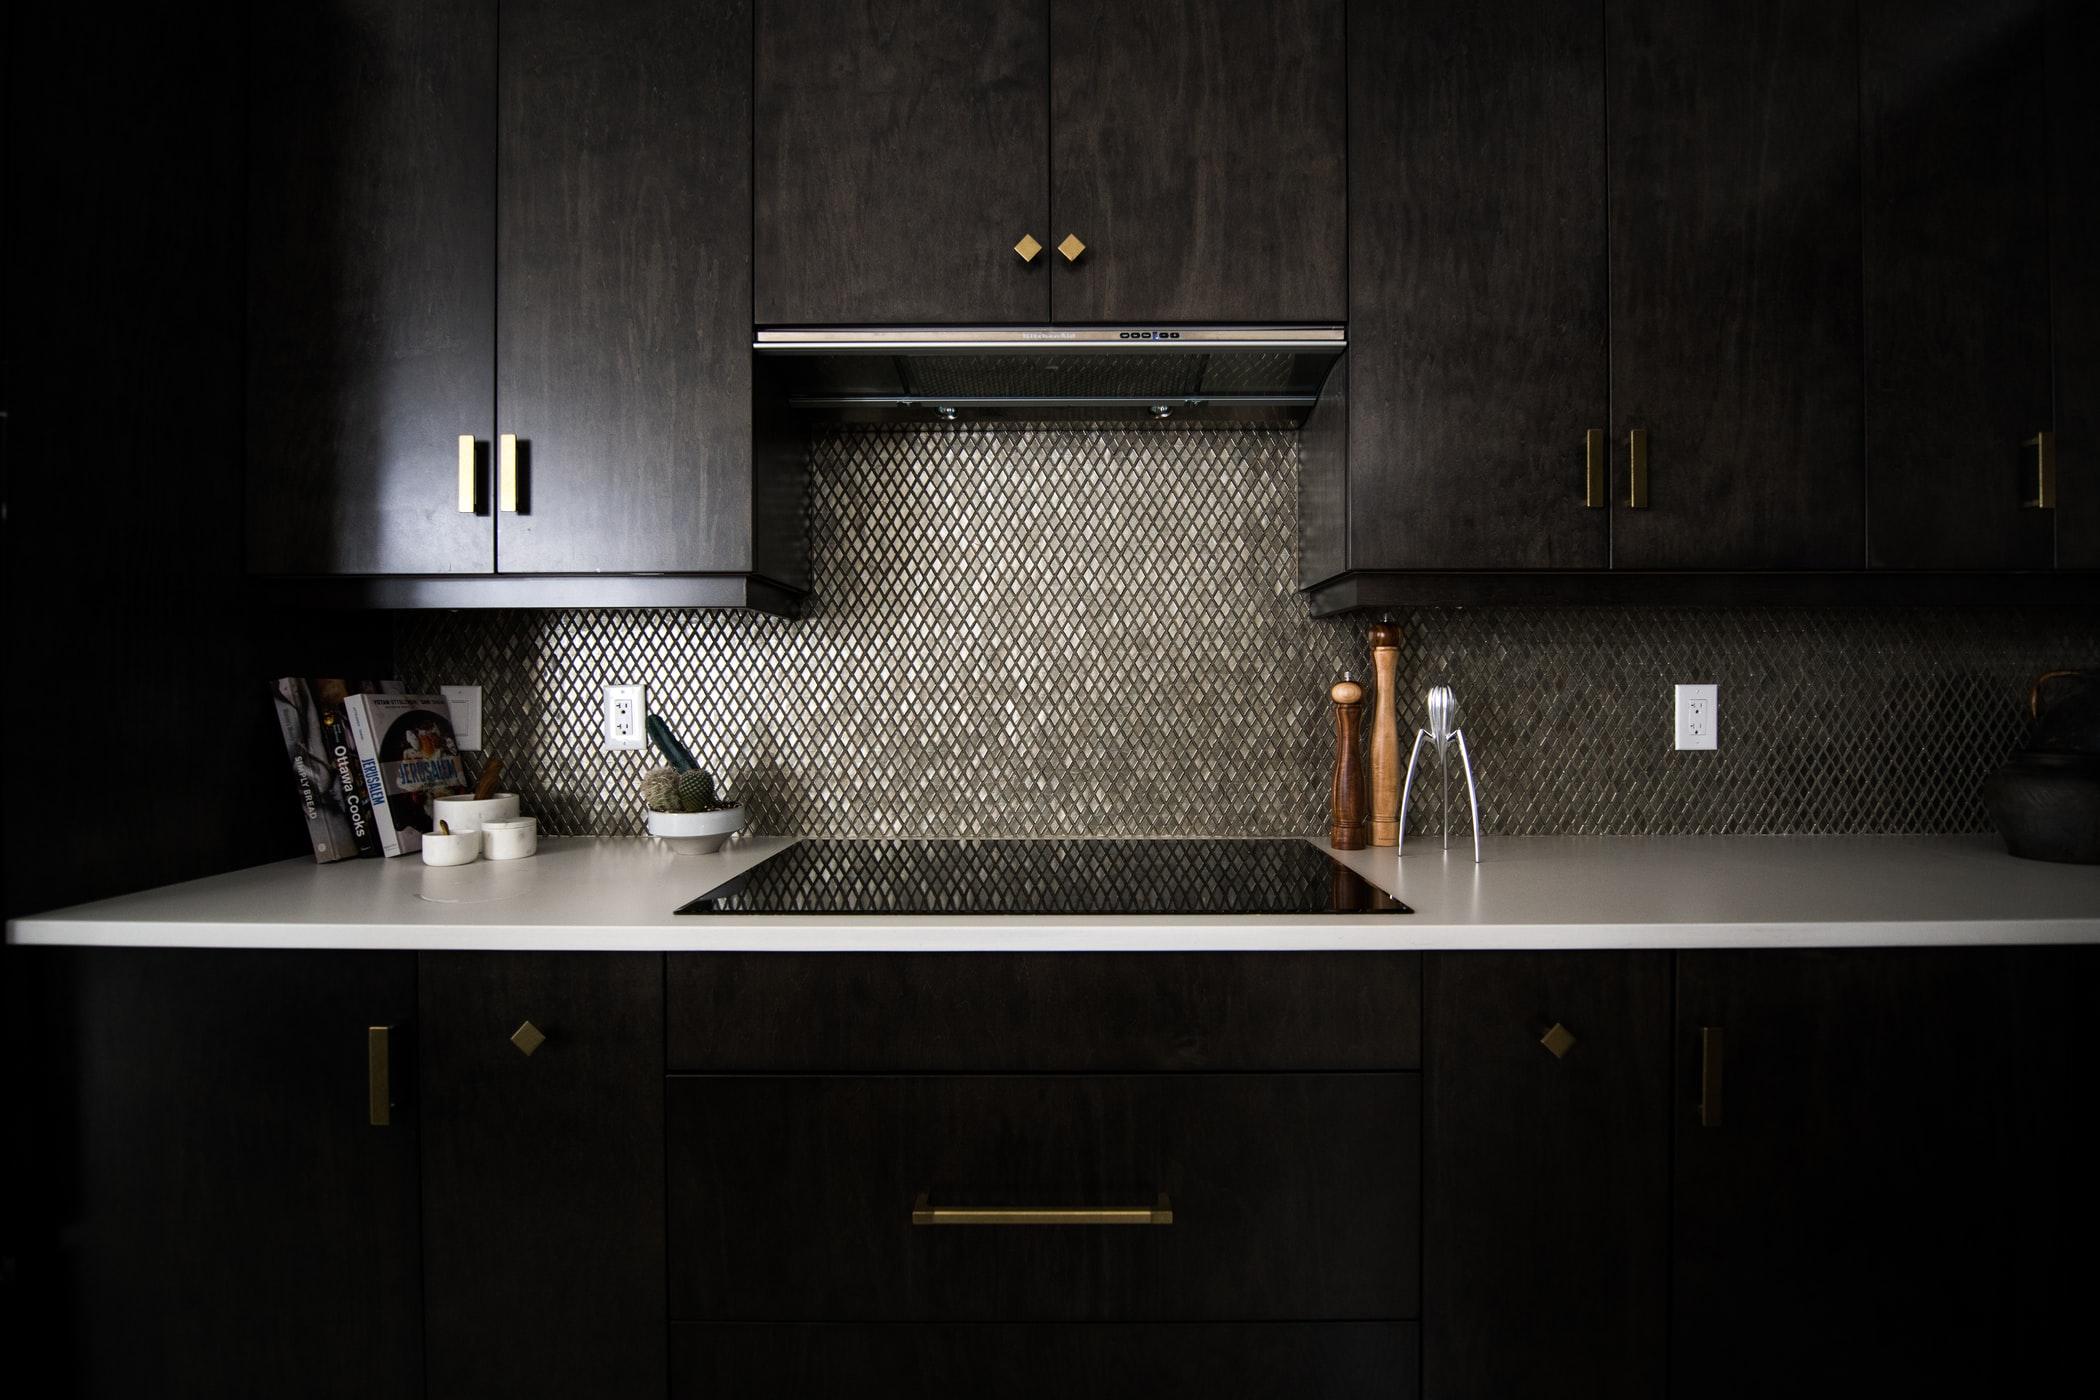 How to Brighten Up a Dark Kitchen